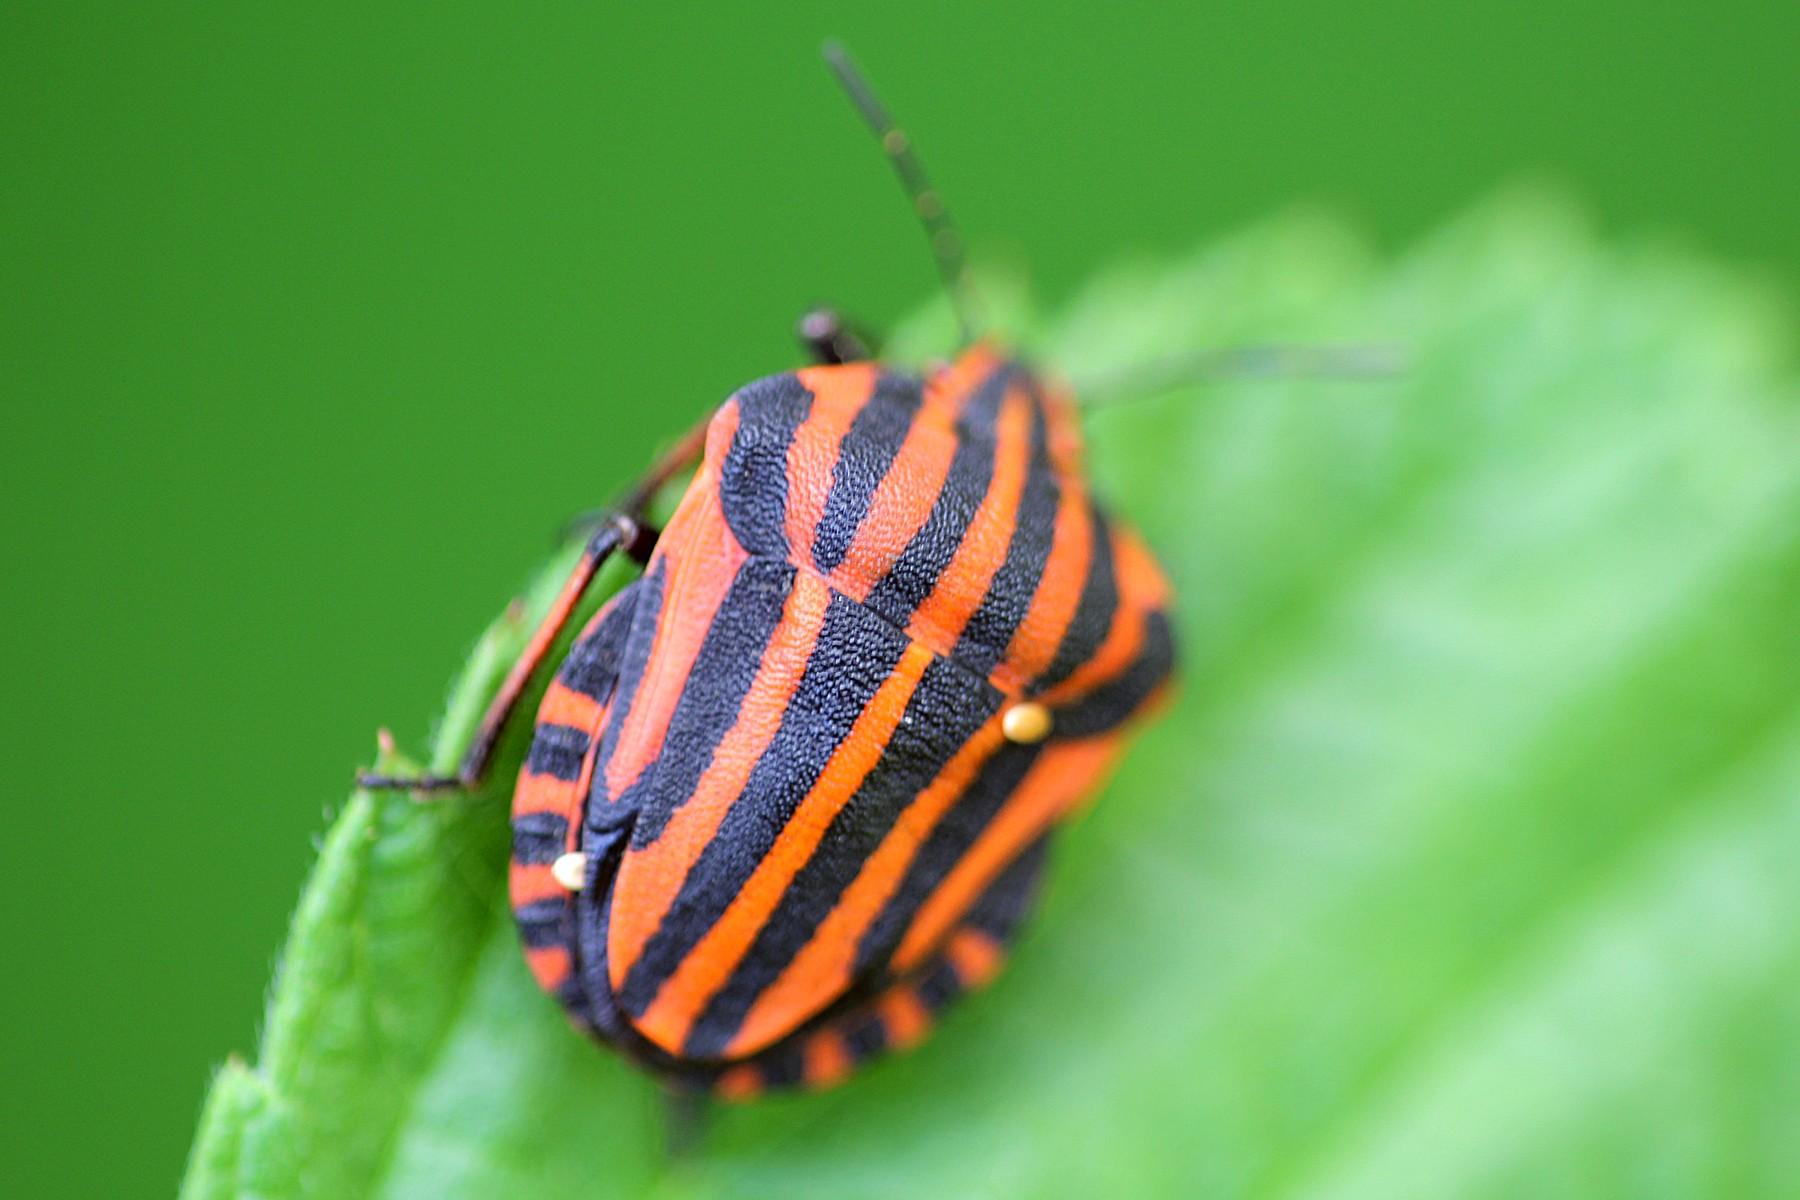 Полосатый жук картинки